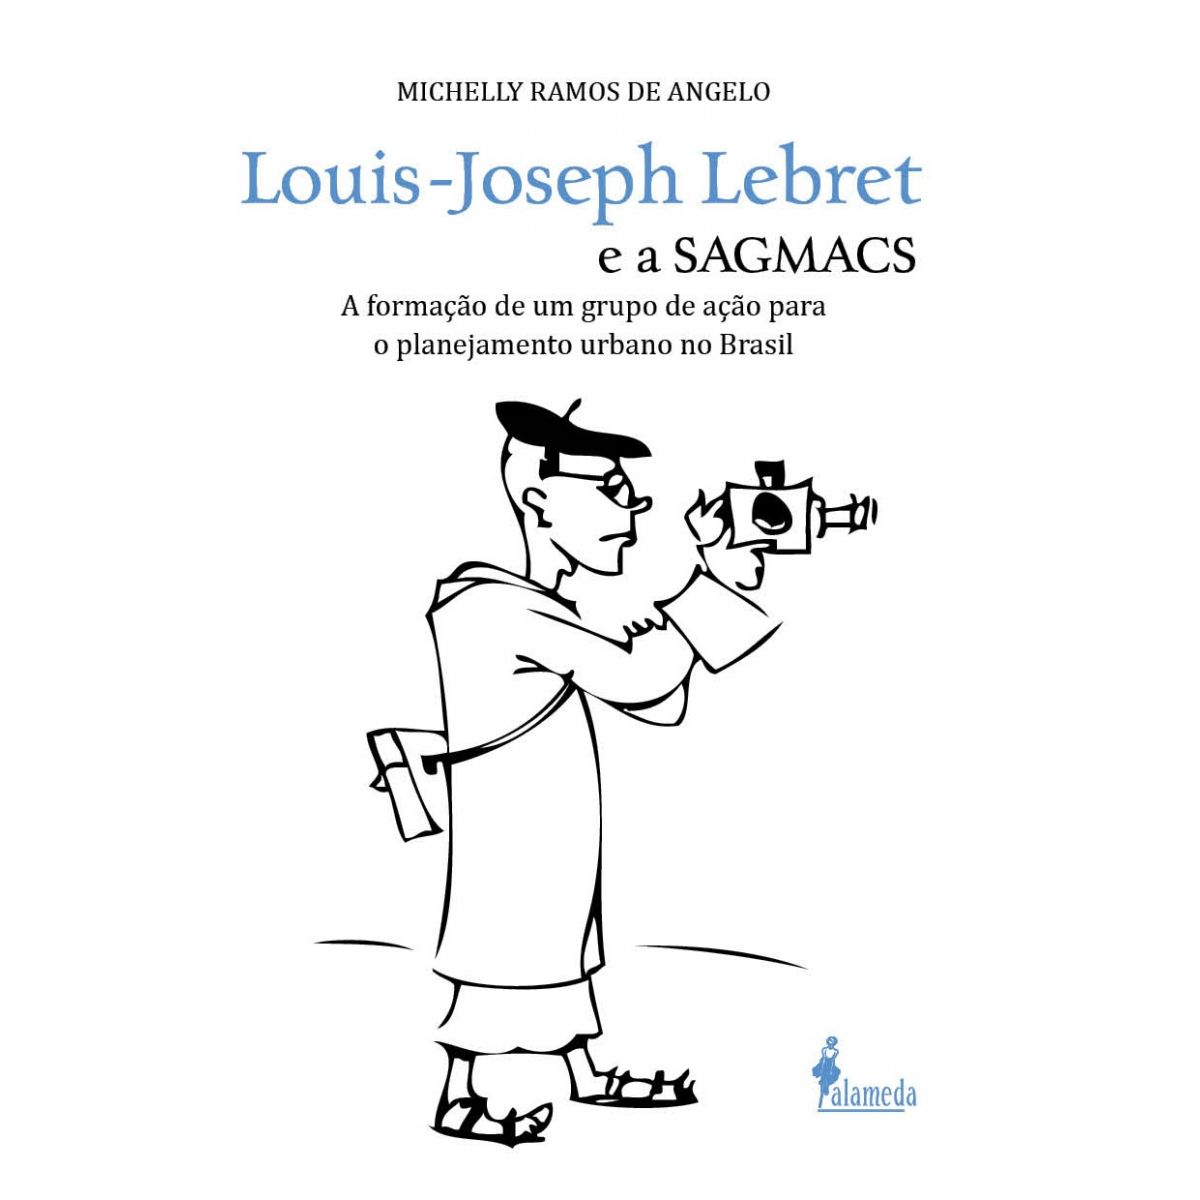 Louis-Joseph Lebret e a sagmacs